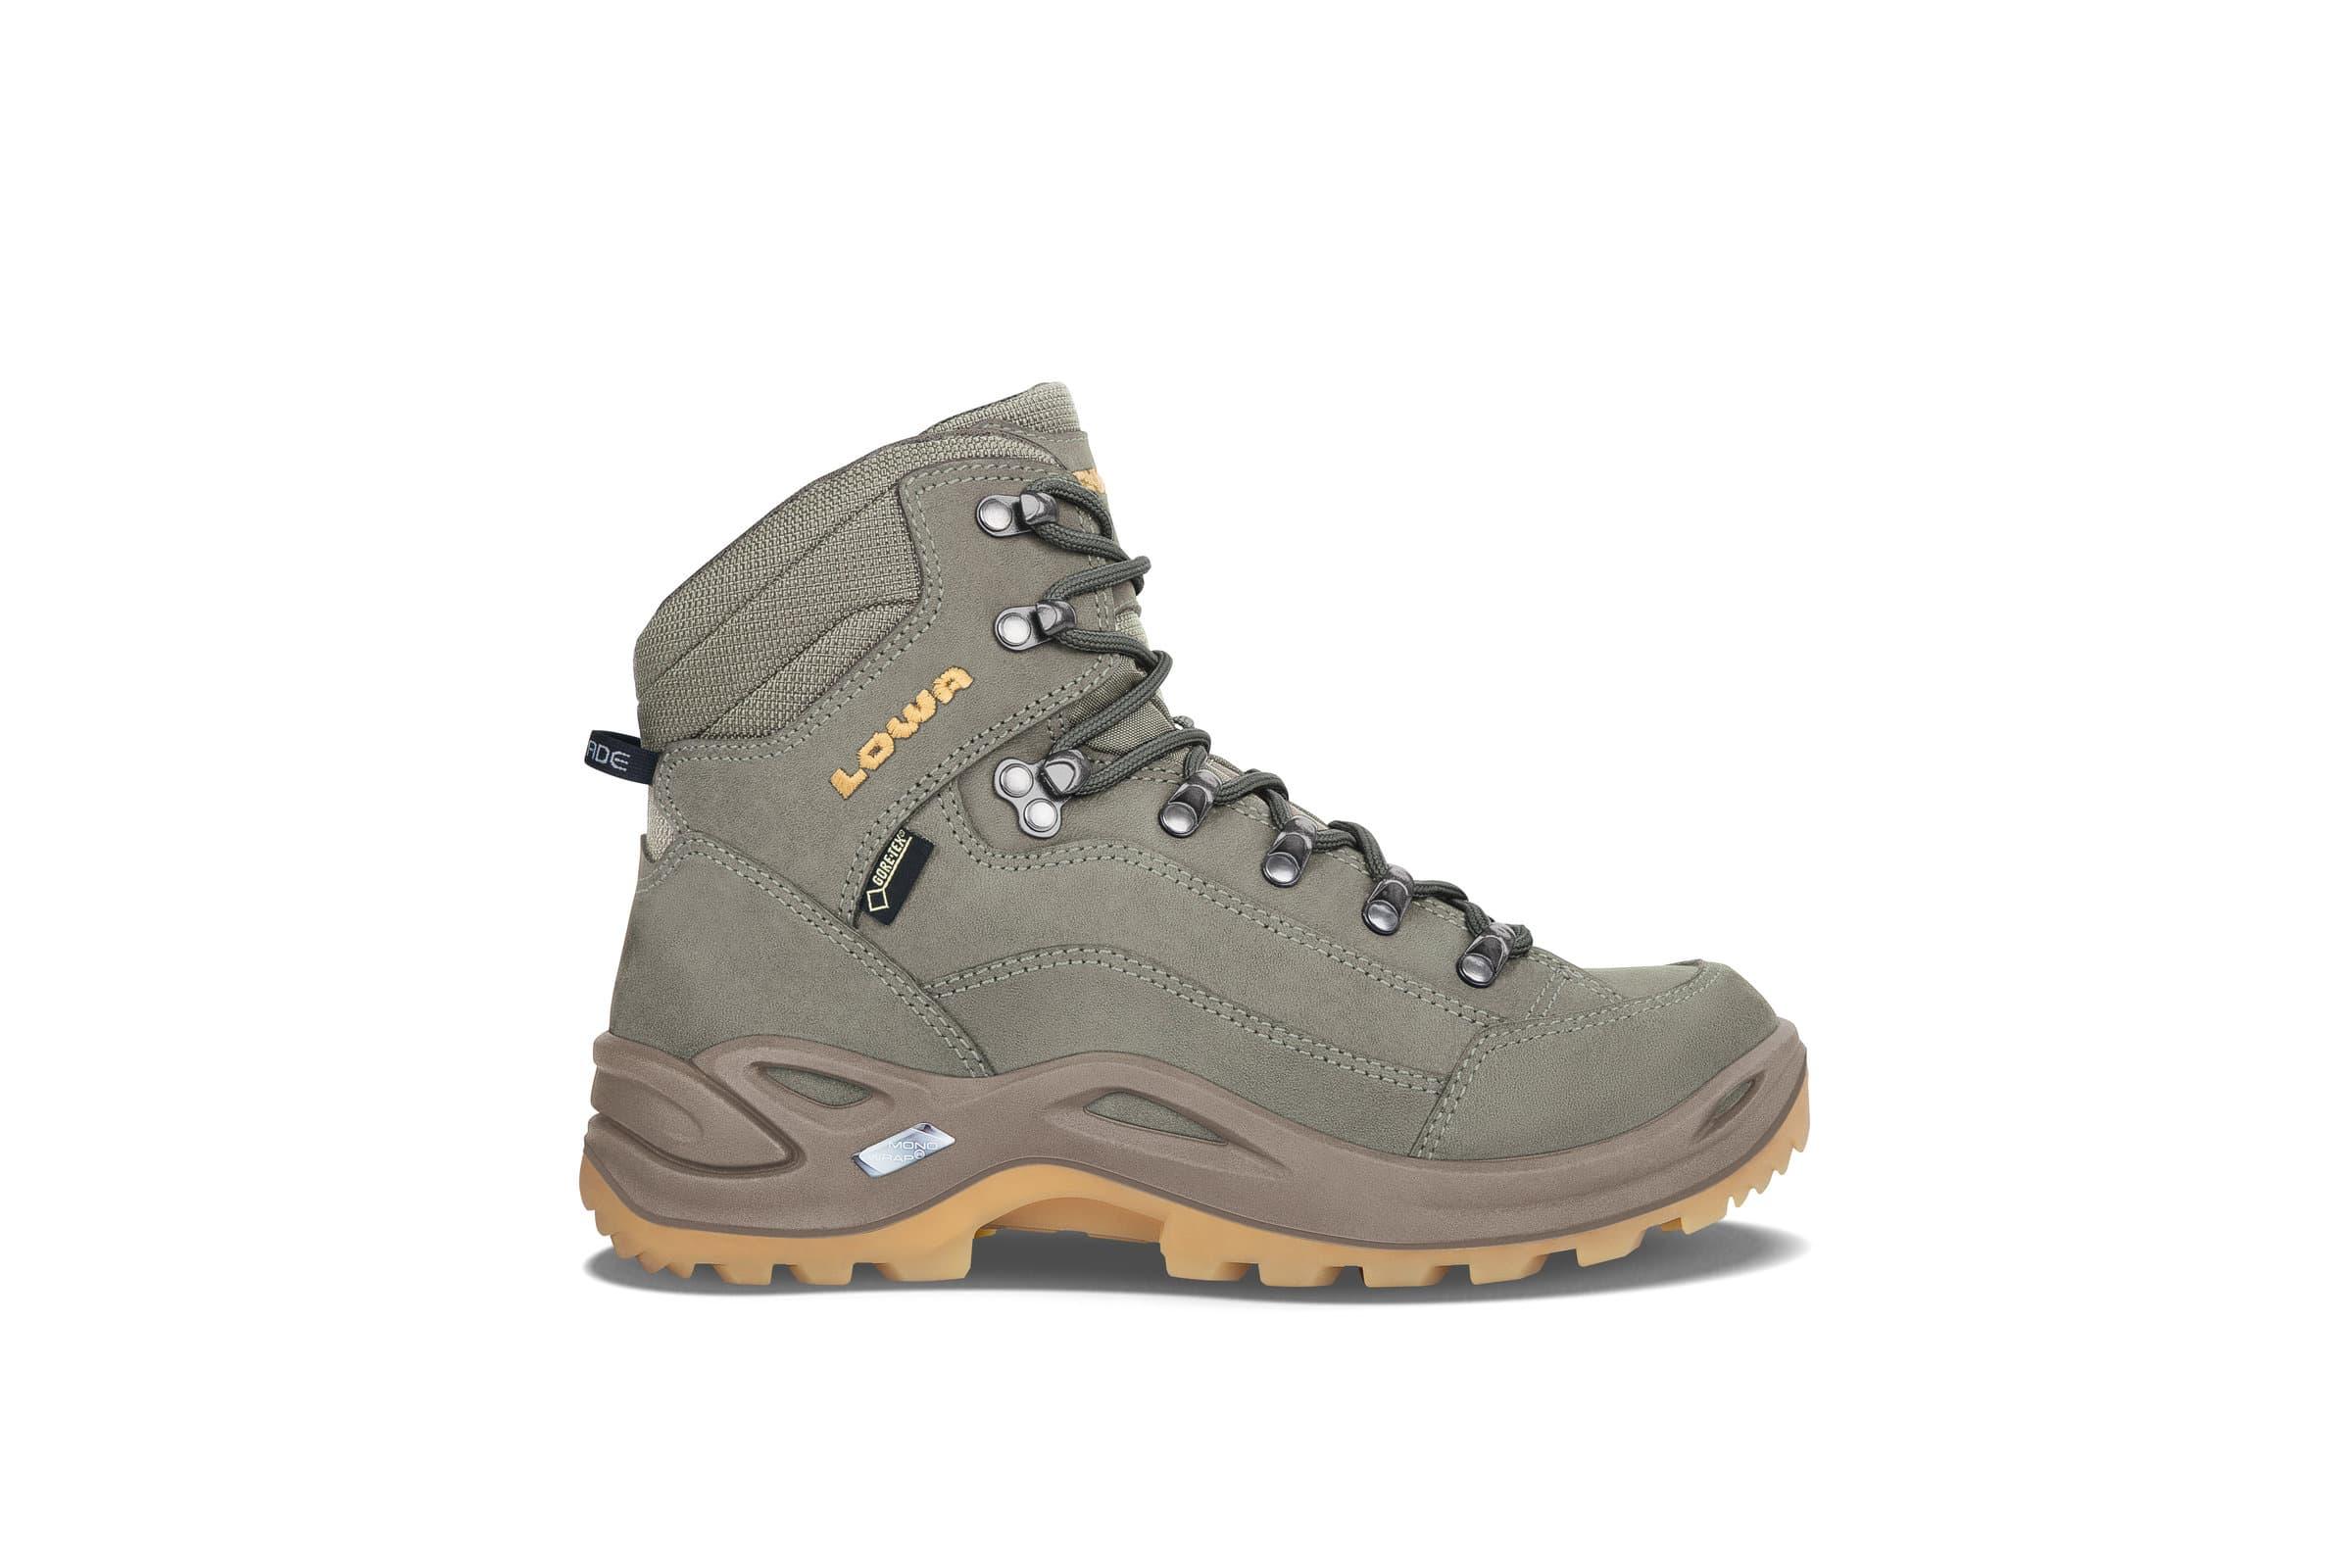 Lowa Renegade Mid GTX Chaussures de randonnée pour femme